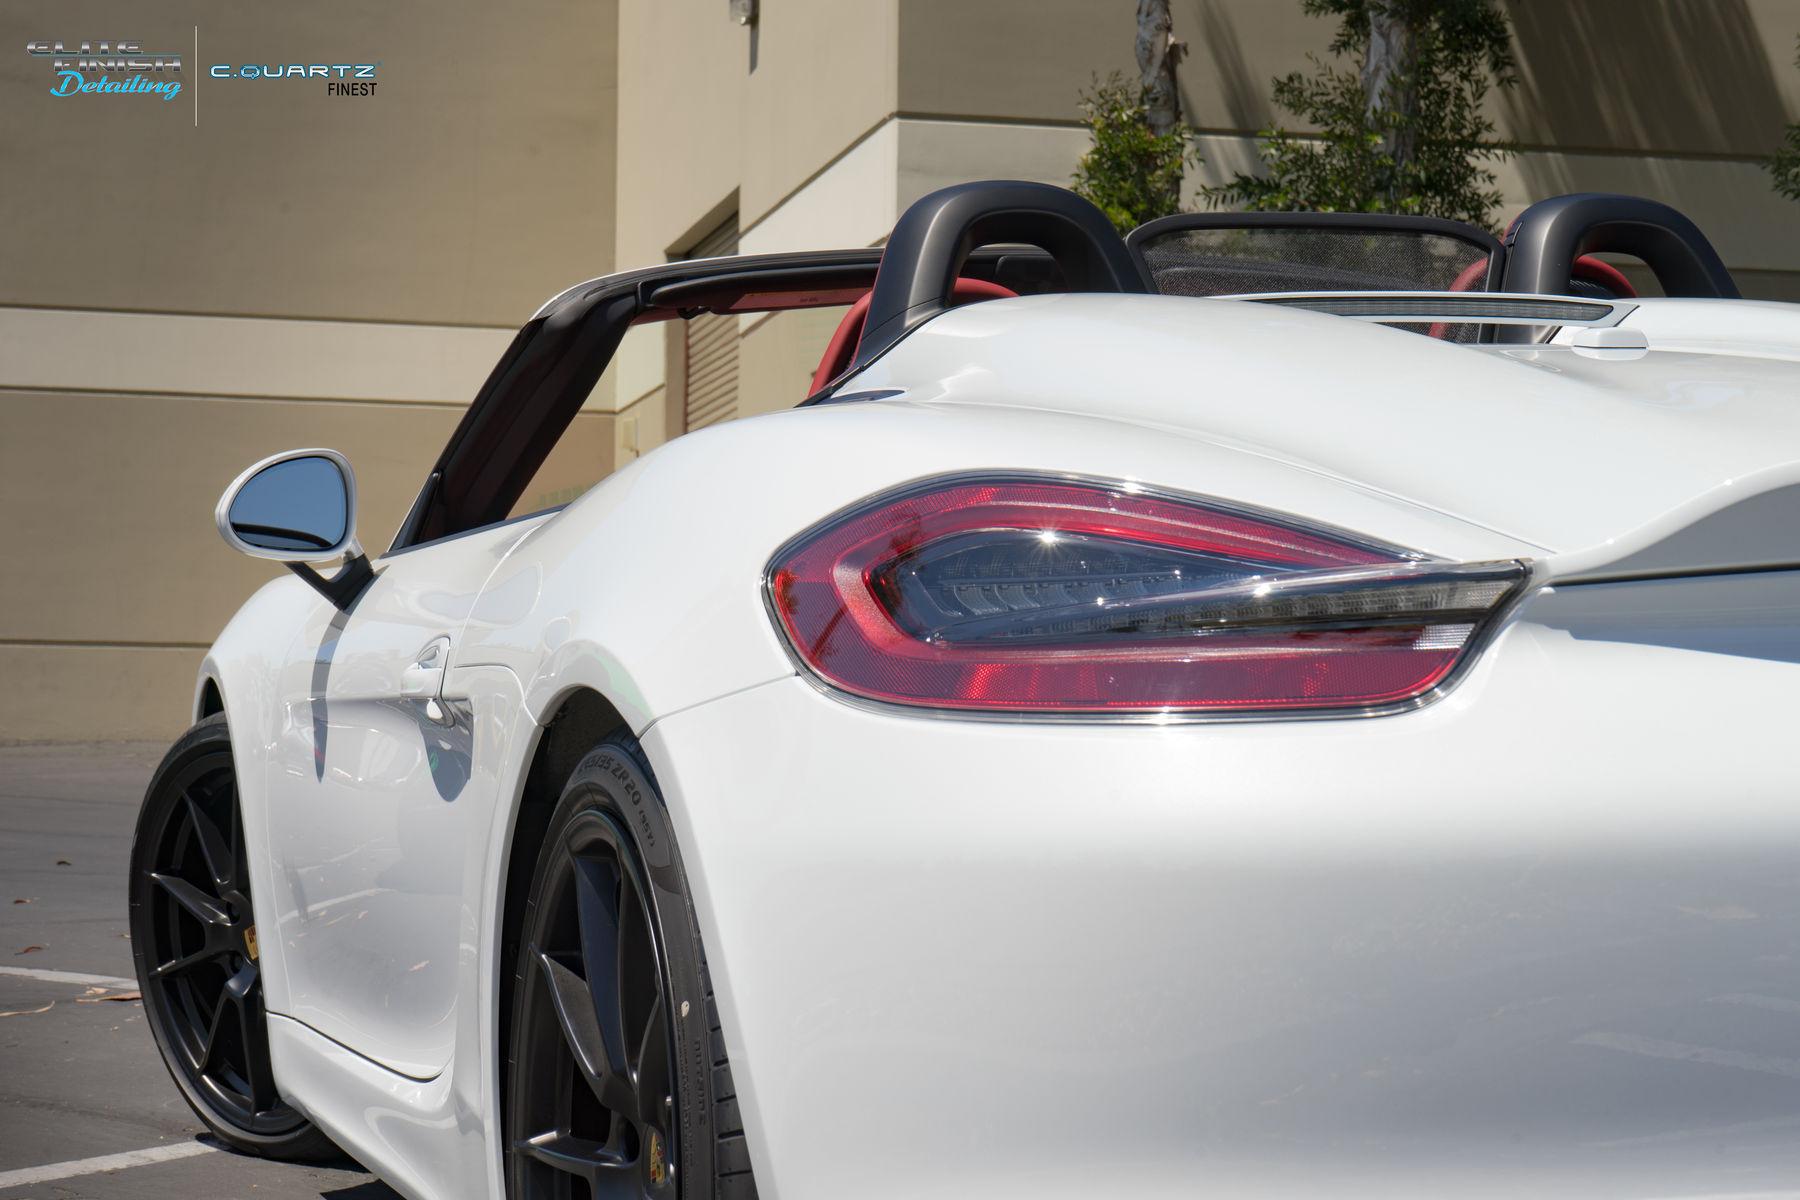 2017 Porsche Boxster | Porsche Boxster Spyder